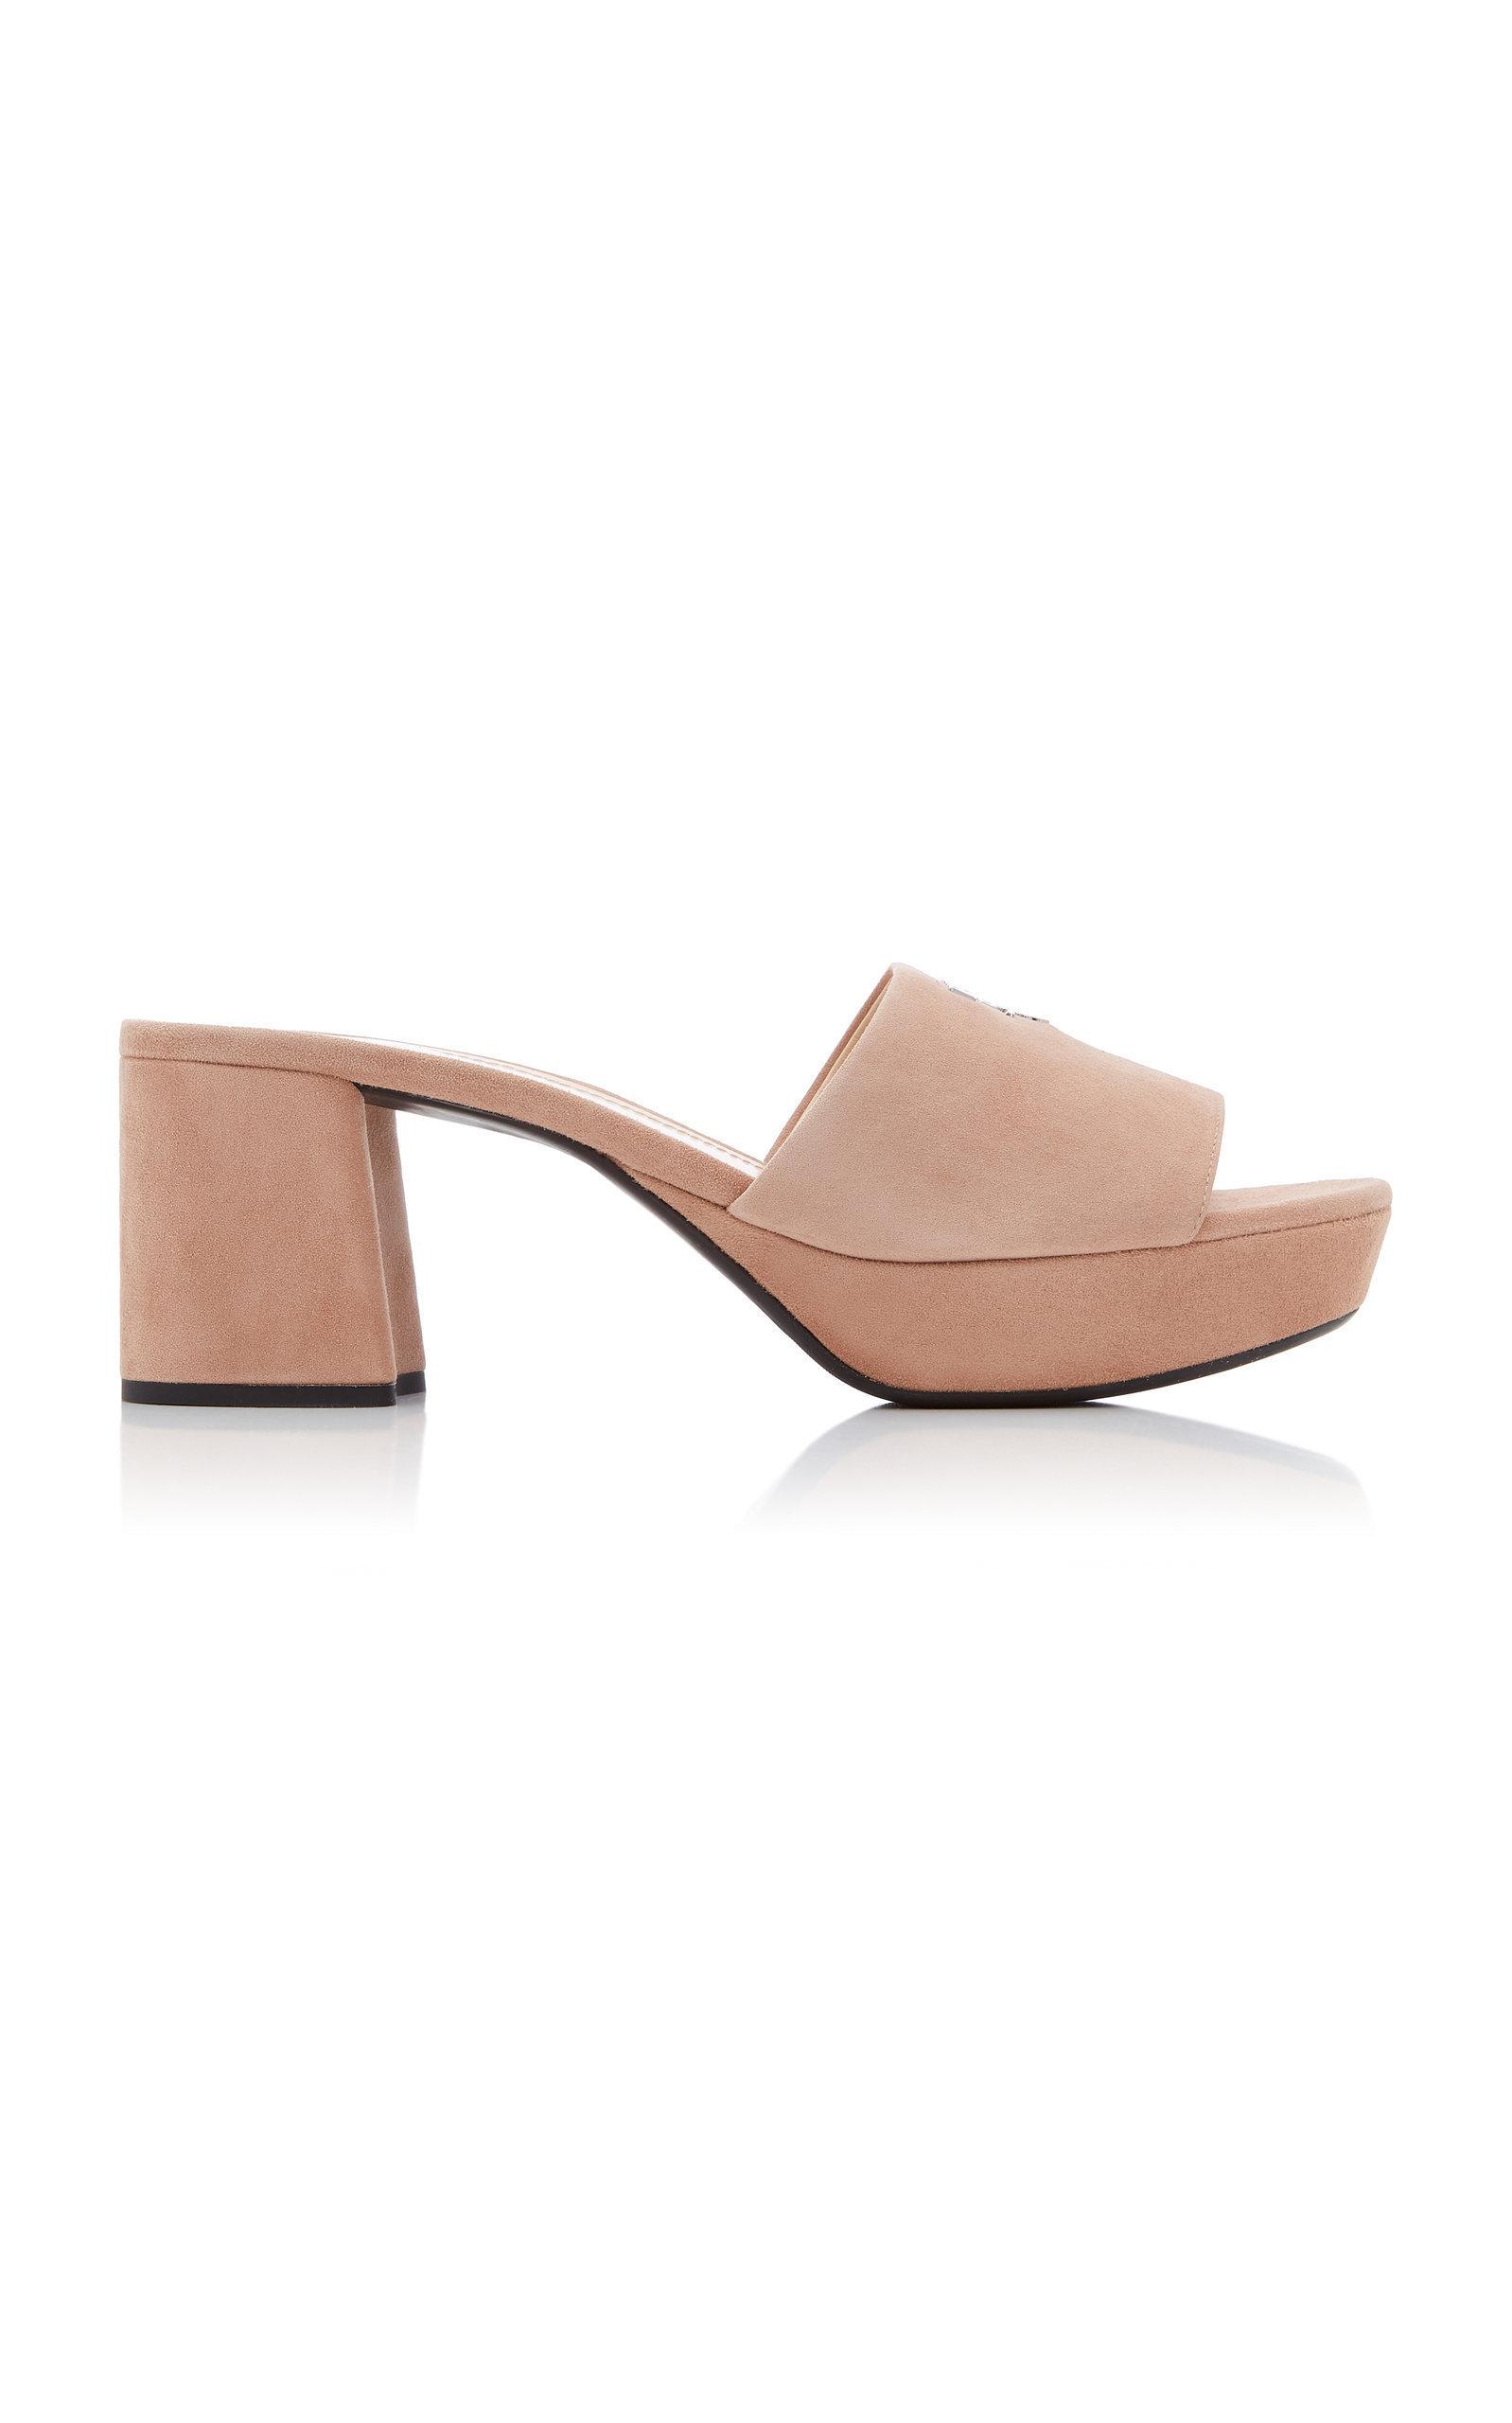 Prada Suede Platform Sandals In Neutral